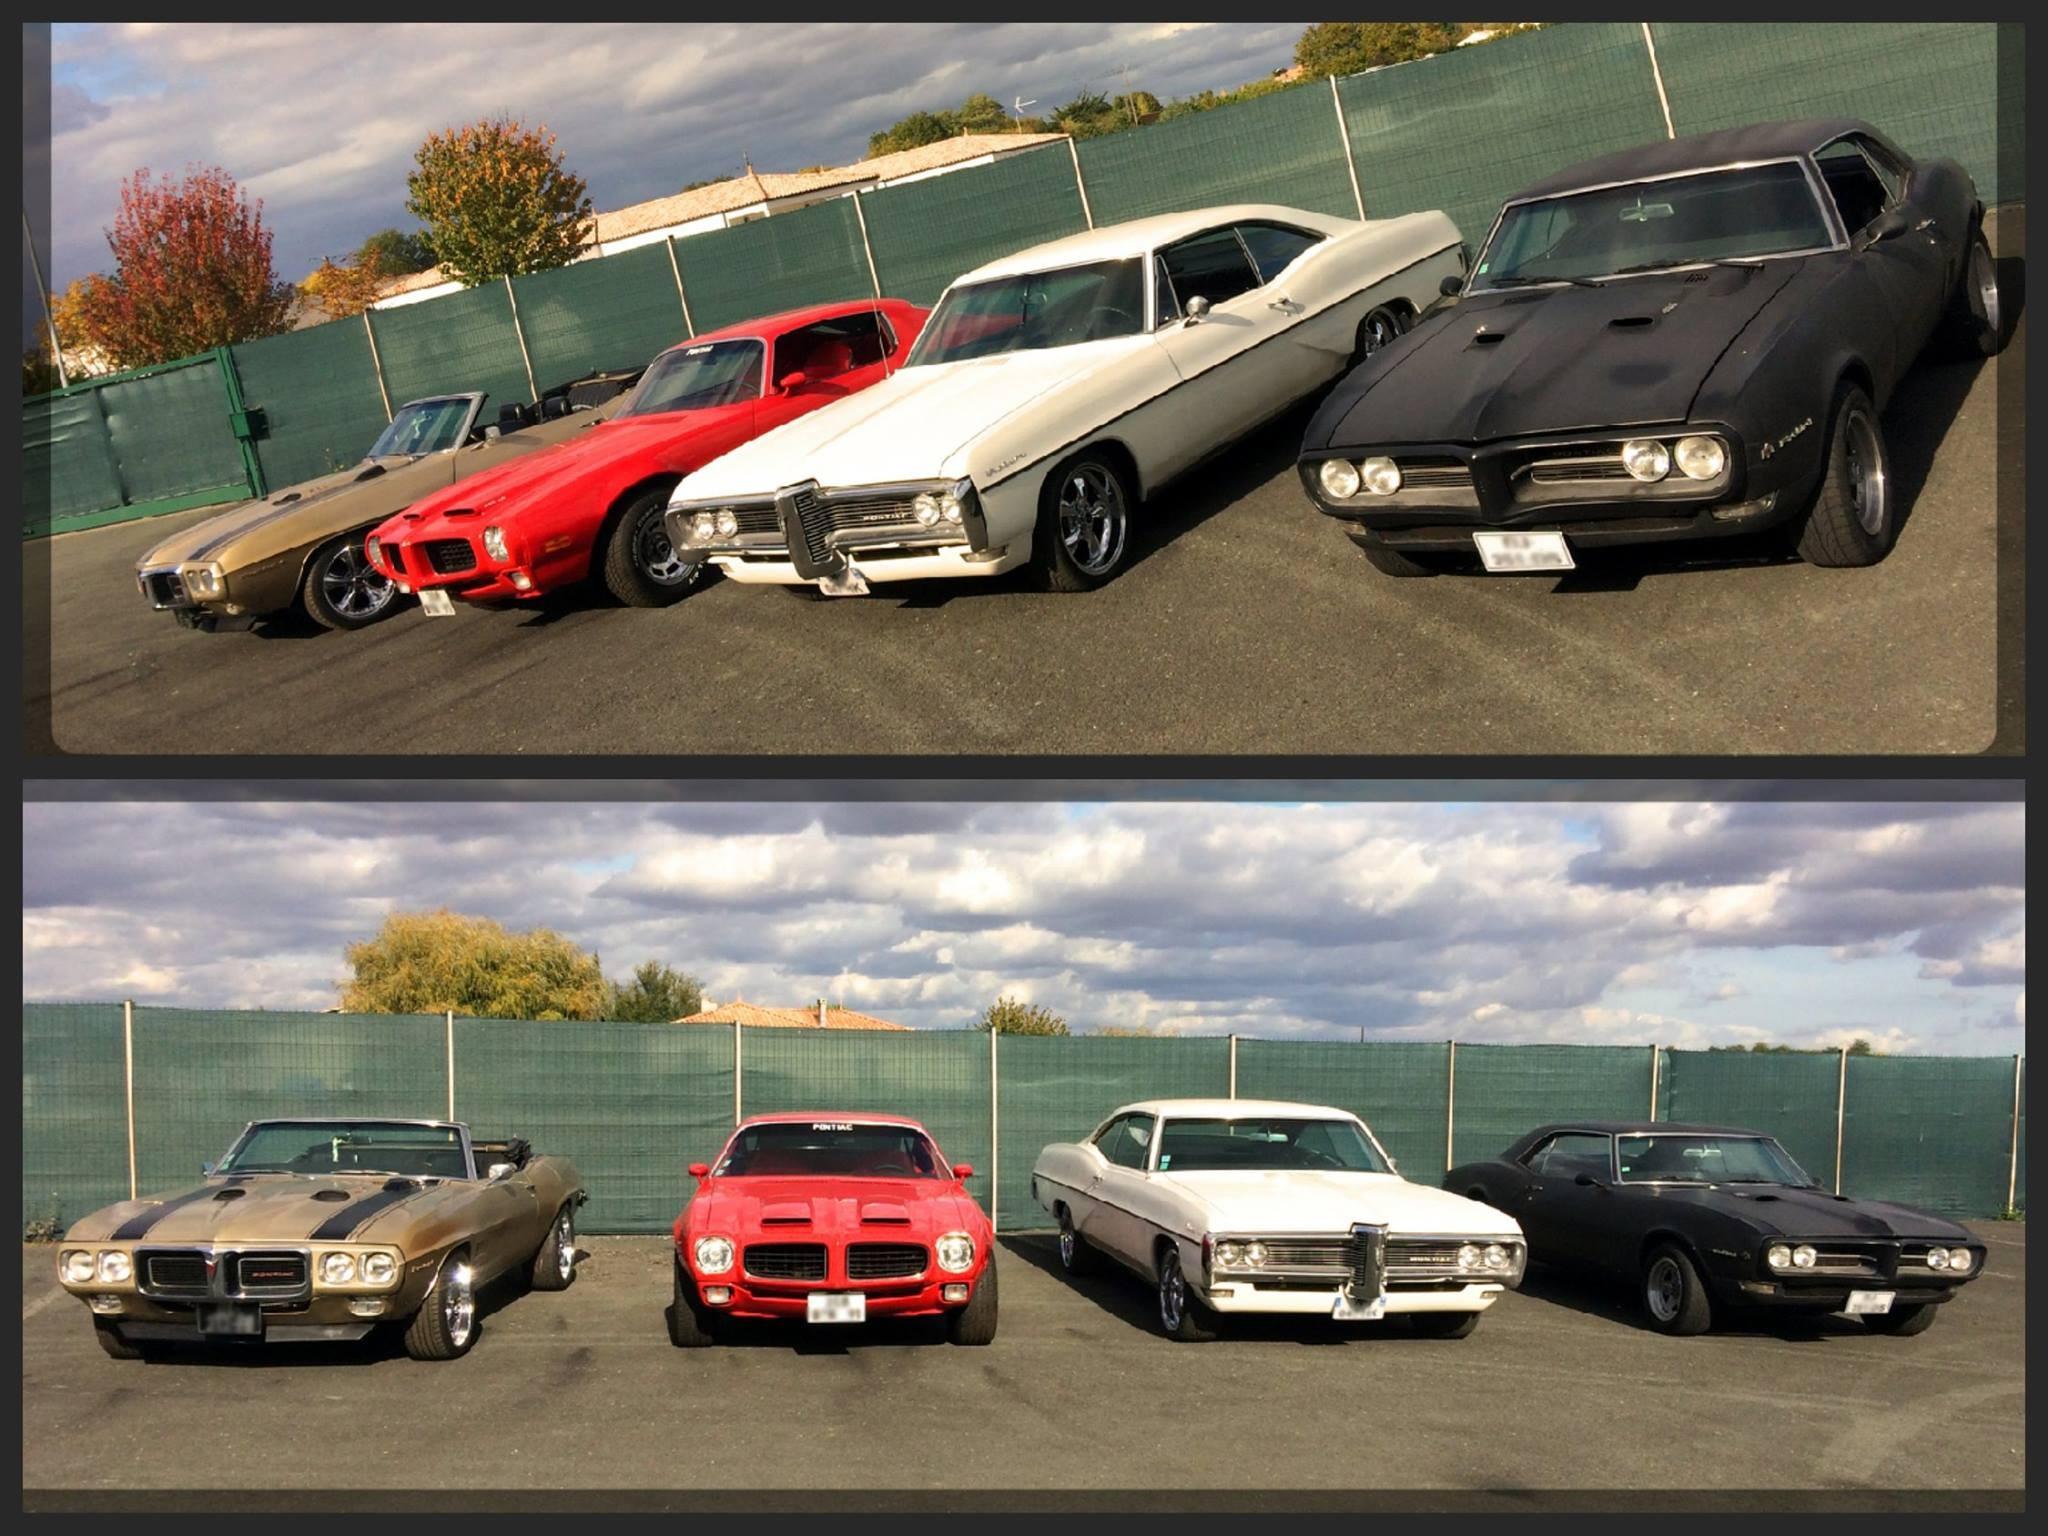 Four Pontiacs